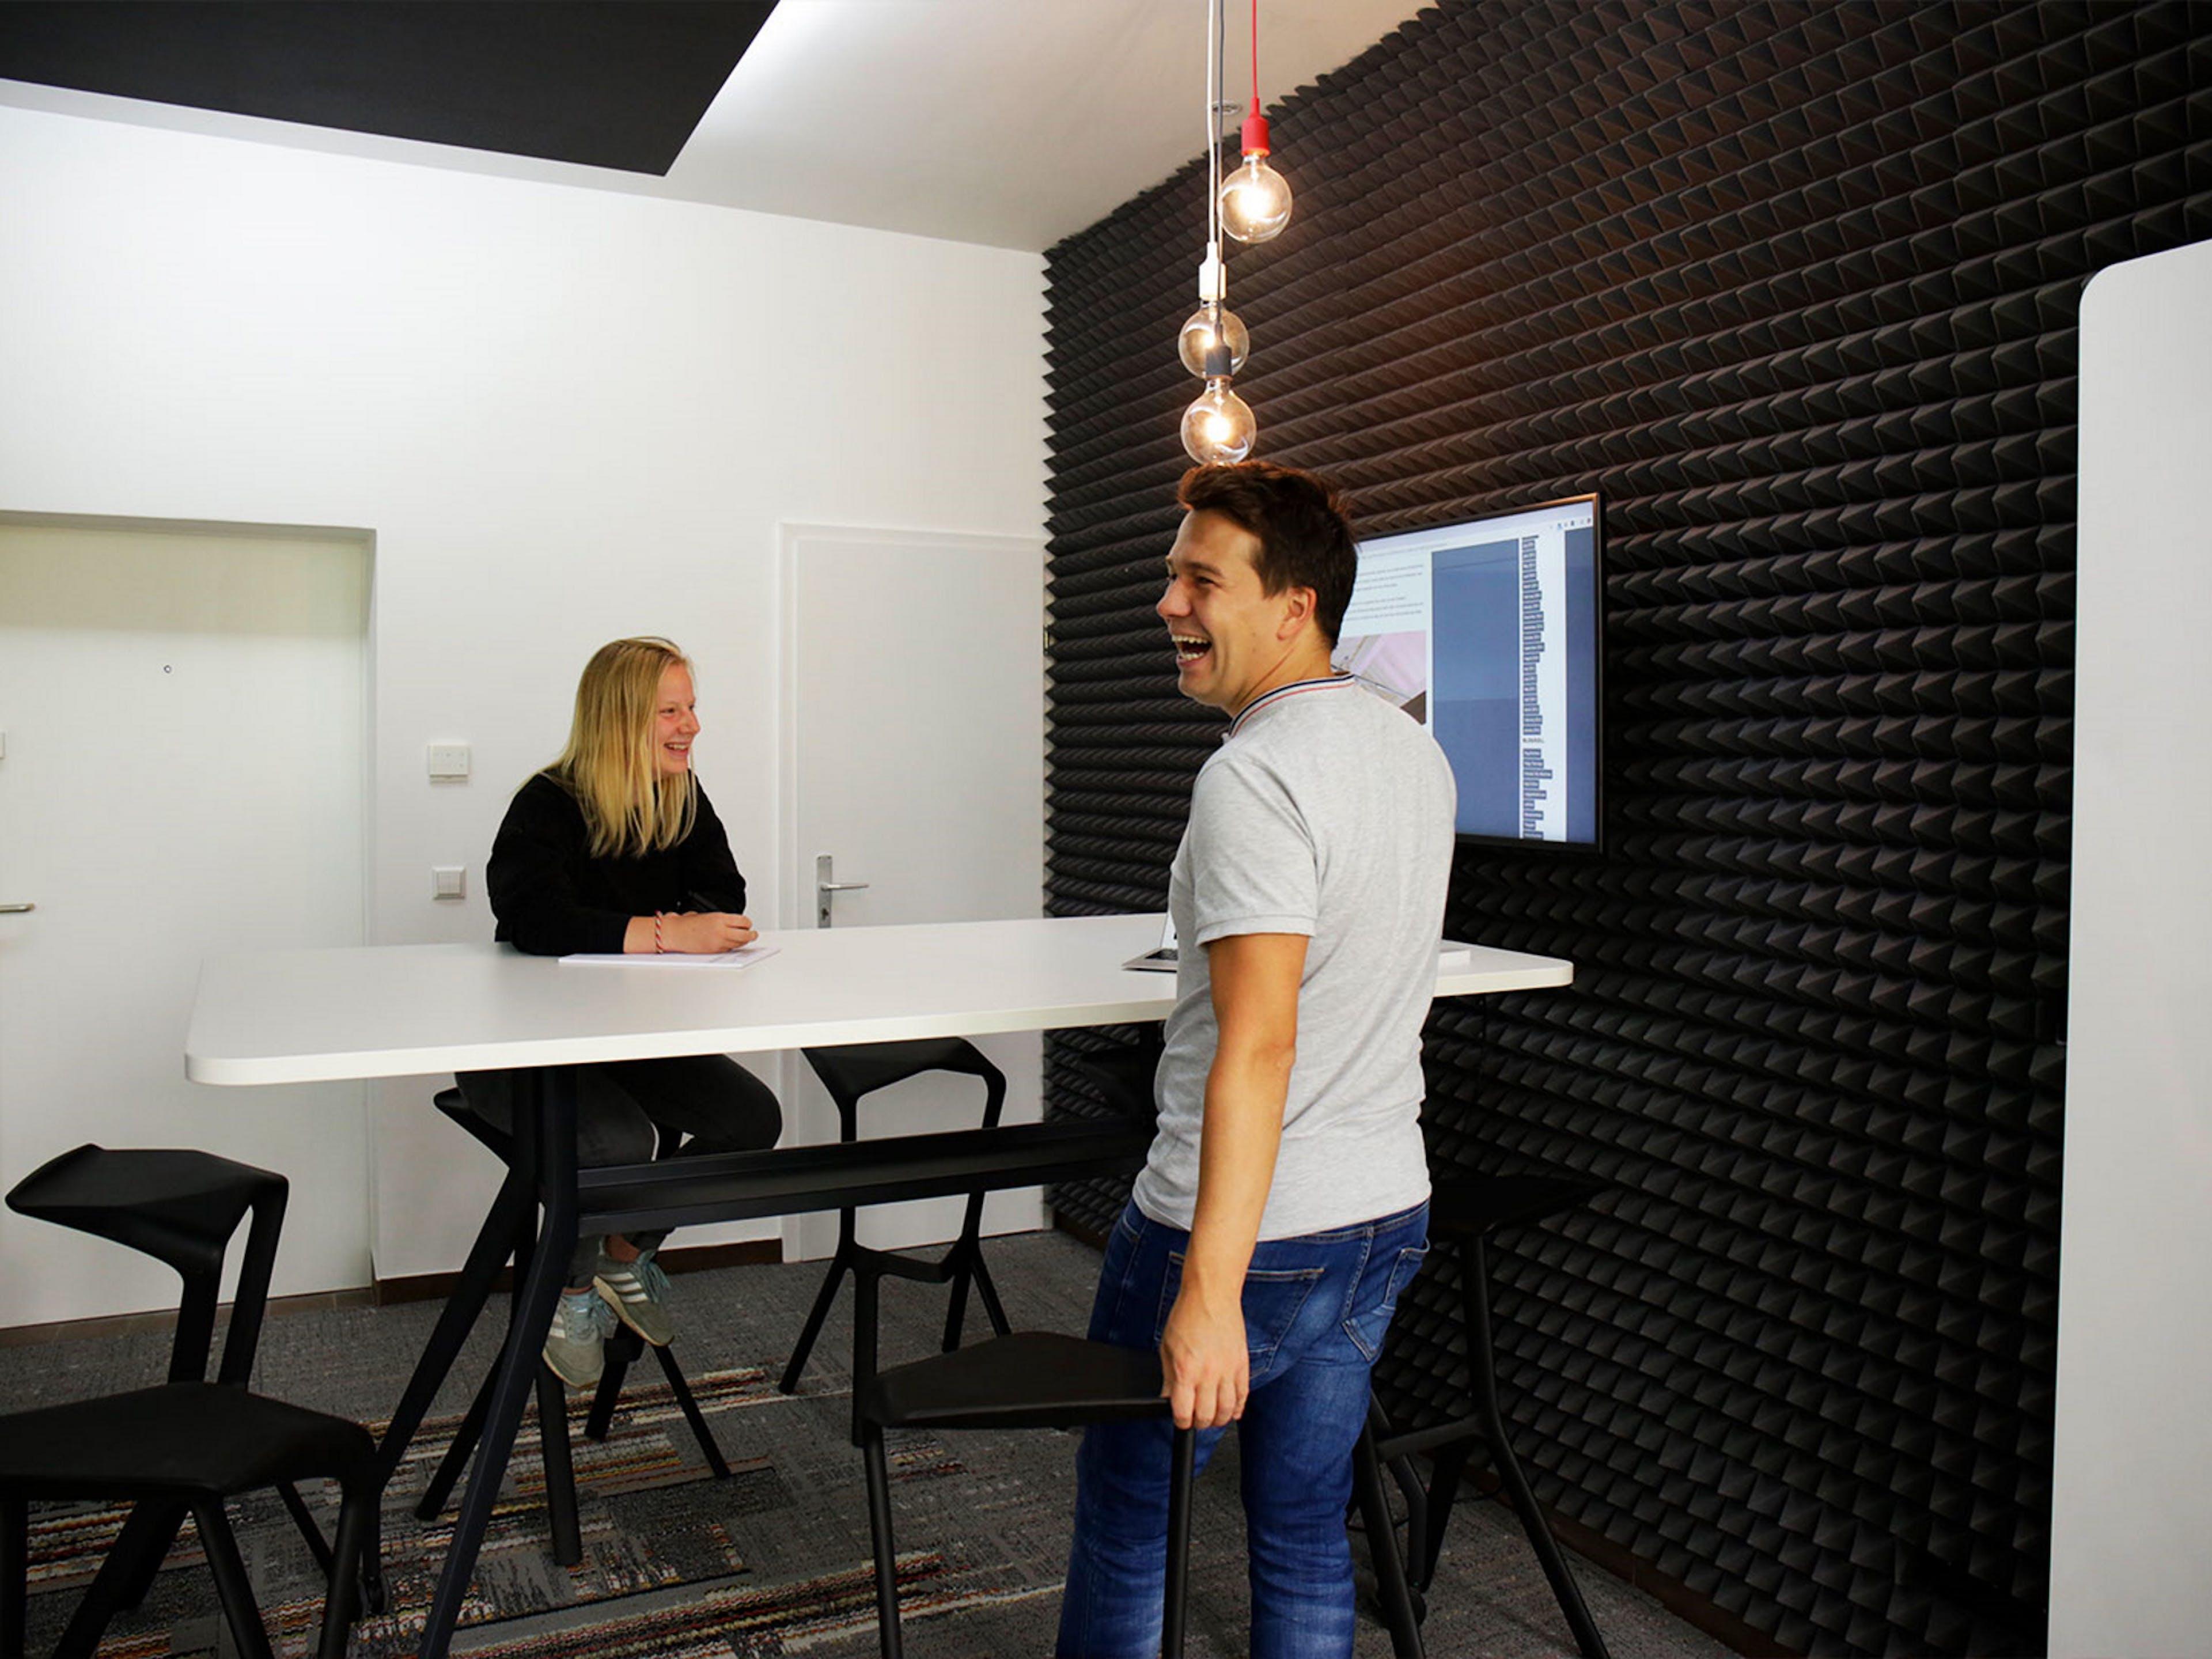 Le nouveau studio photo de schoenhaesslich, conçu par smow